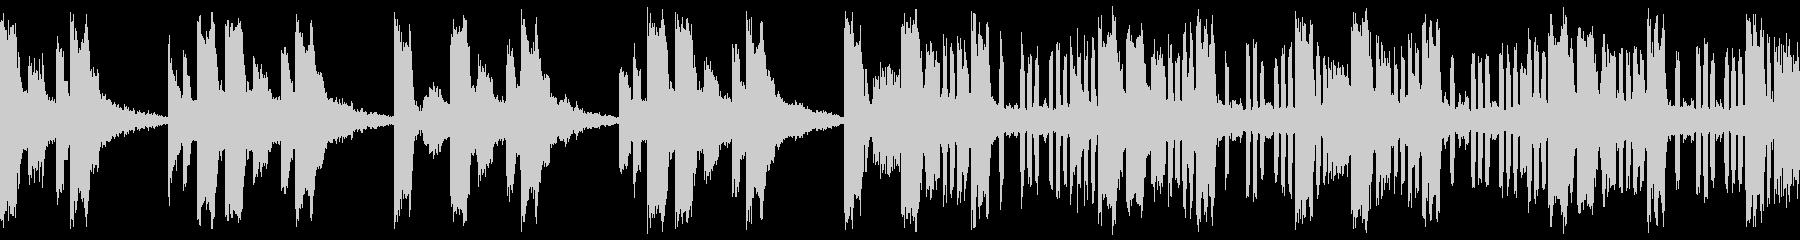 マップ画面・マフィアのビル・ループシンセの未再生の波形